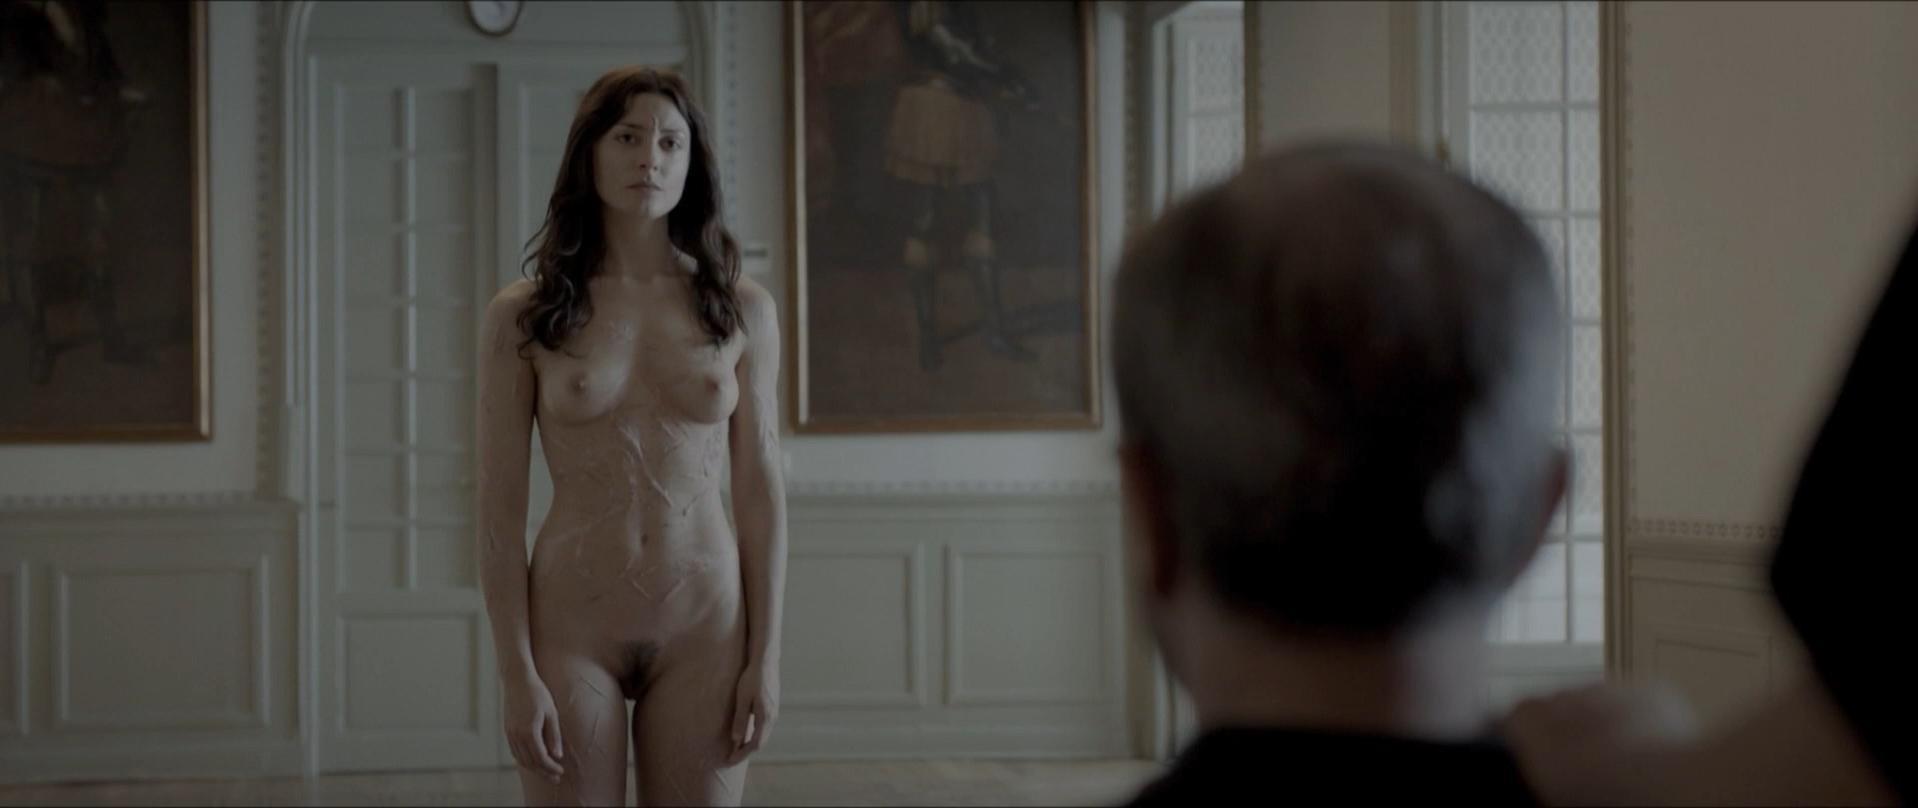 stars Girl nude movie